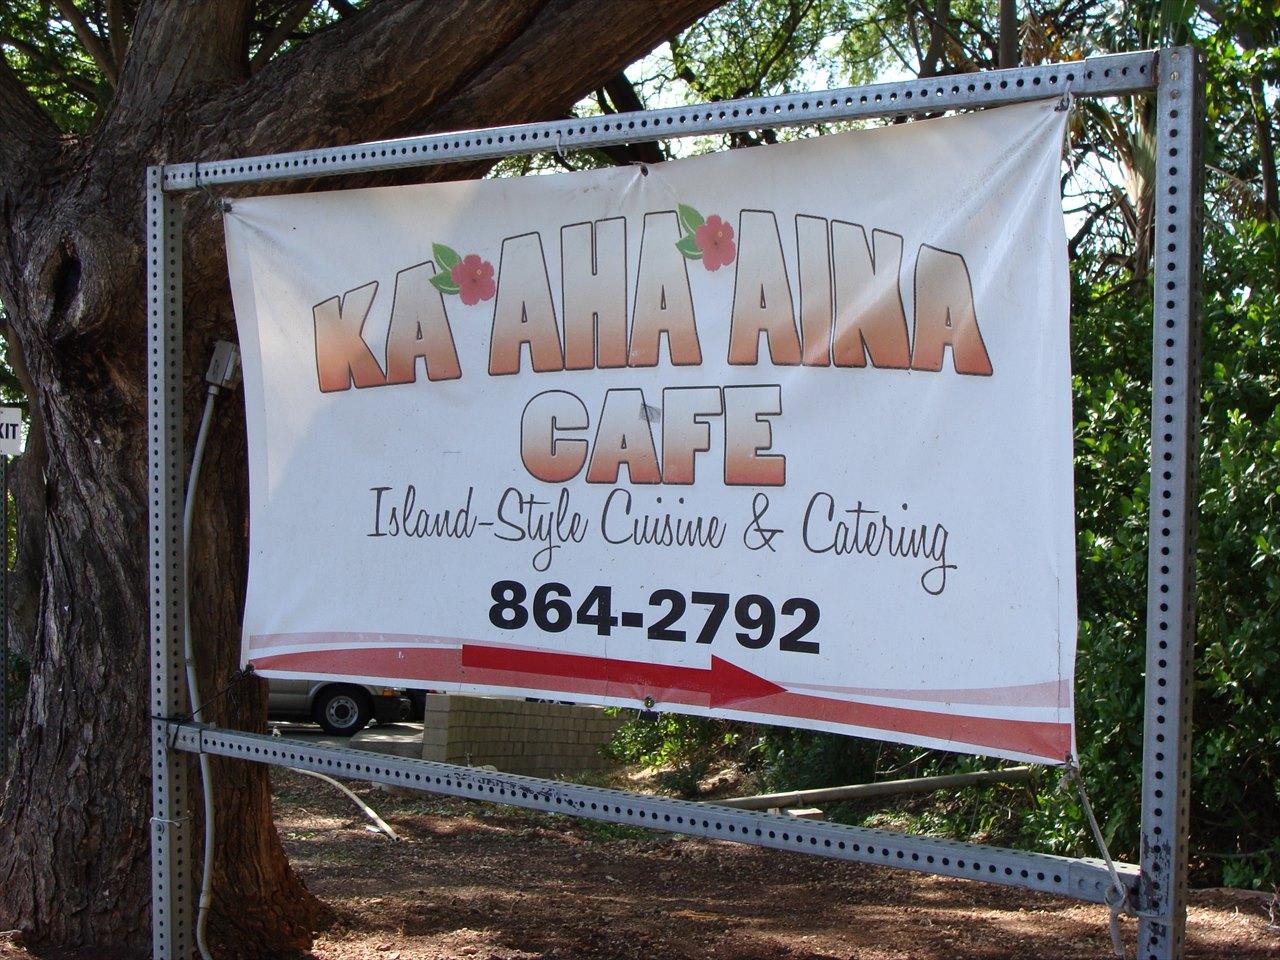 リーワードエリアでブランチ(1) Ka aha aina Cafe